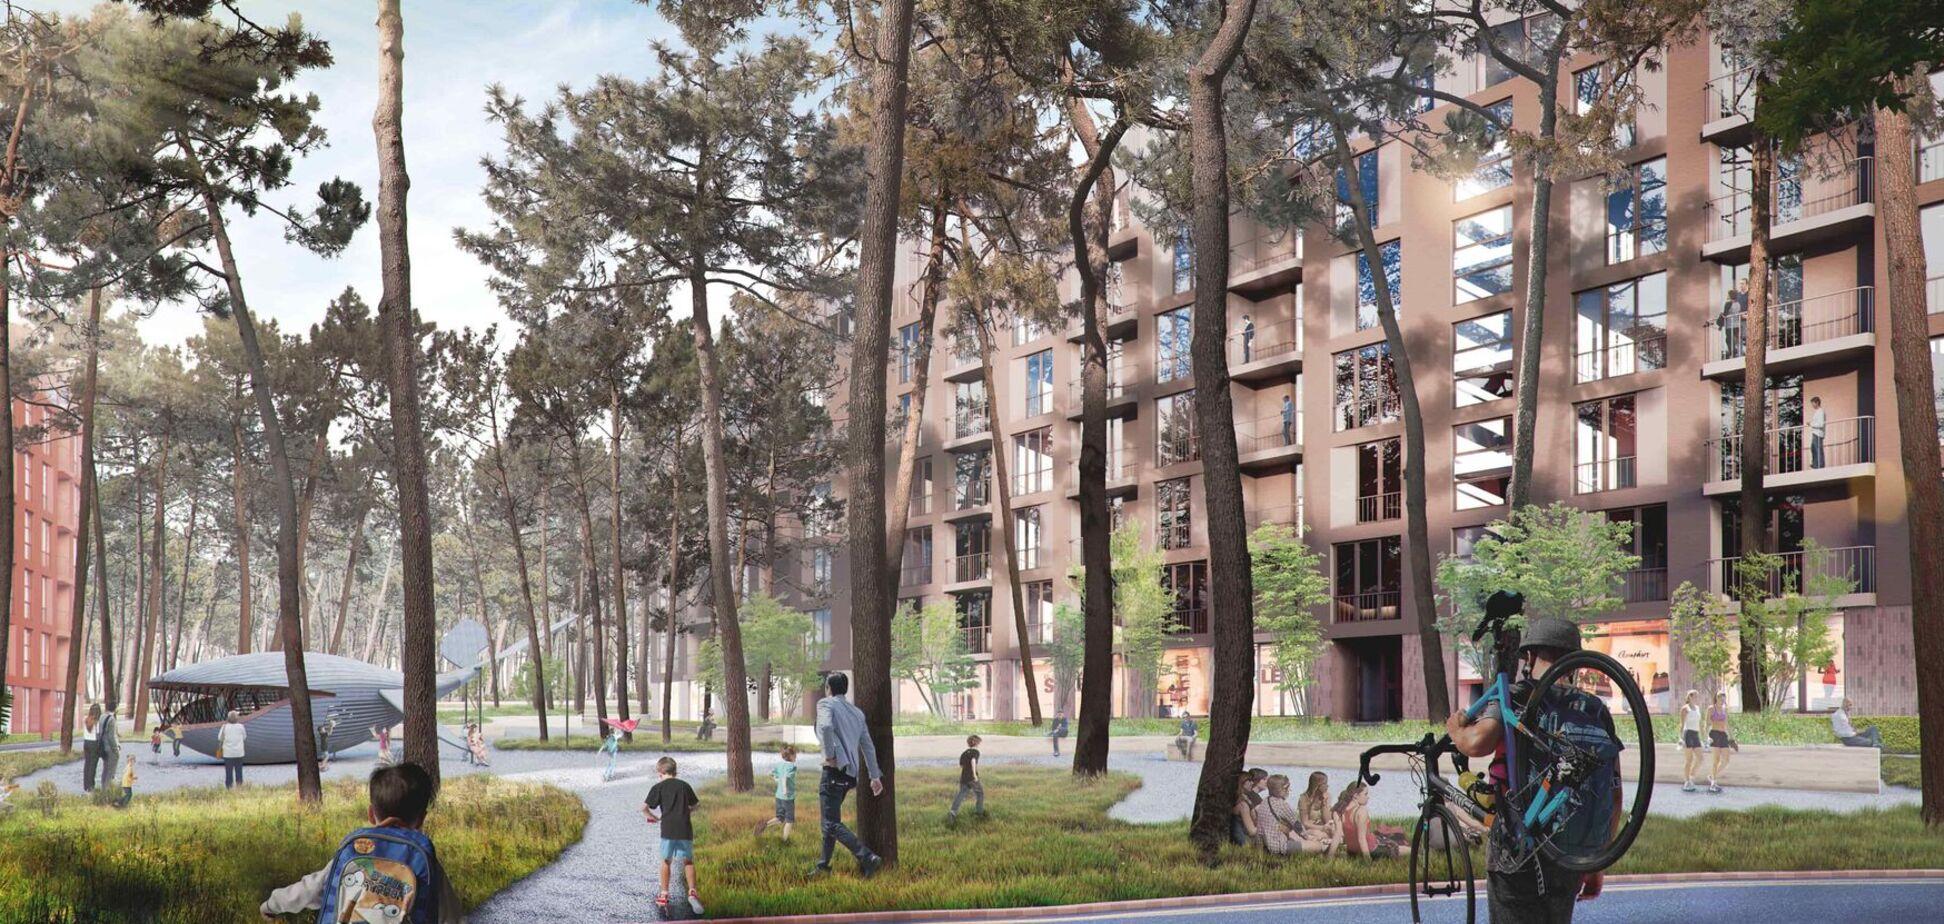 С каждым годом появляется все больше проектов, где акцент сделан на экологии и комфортных пространствах